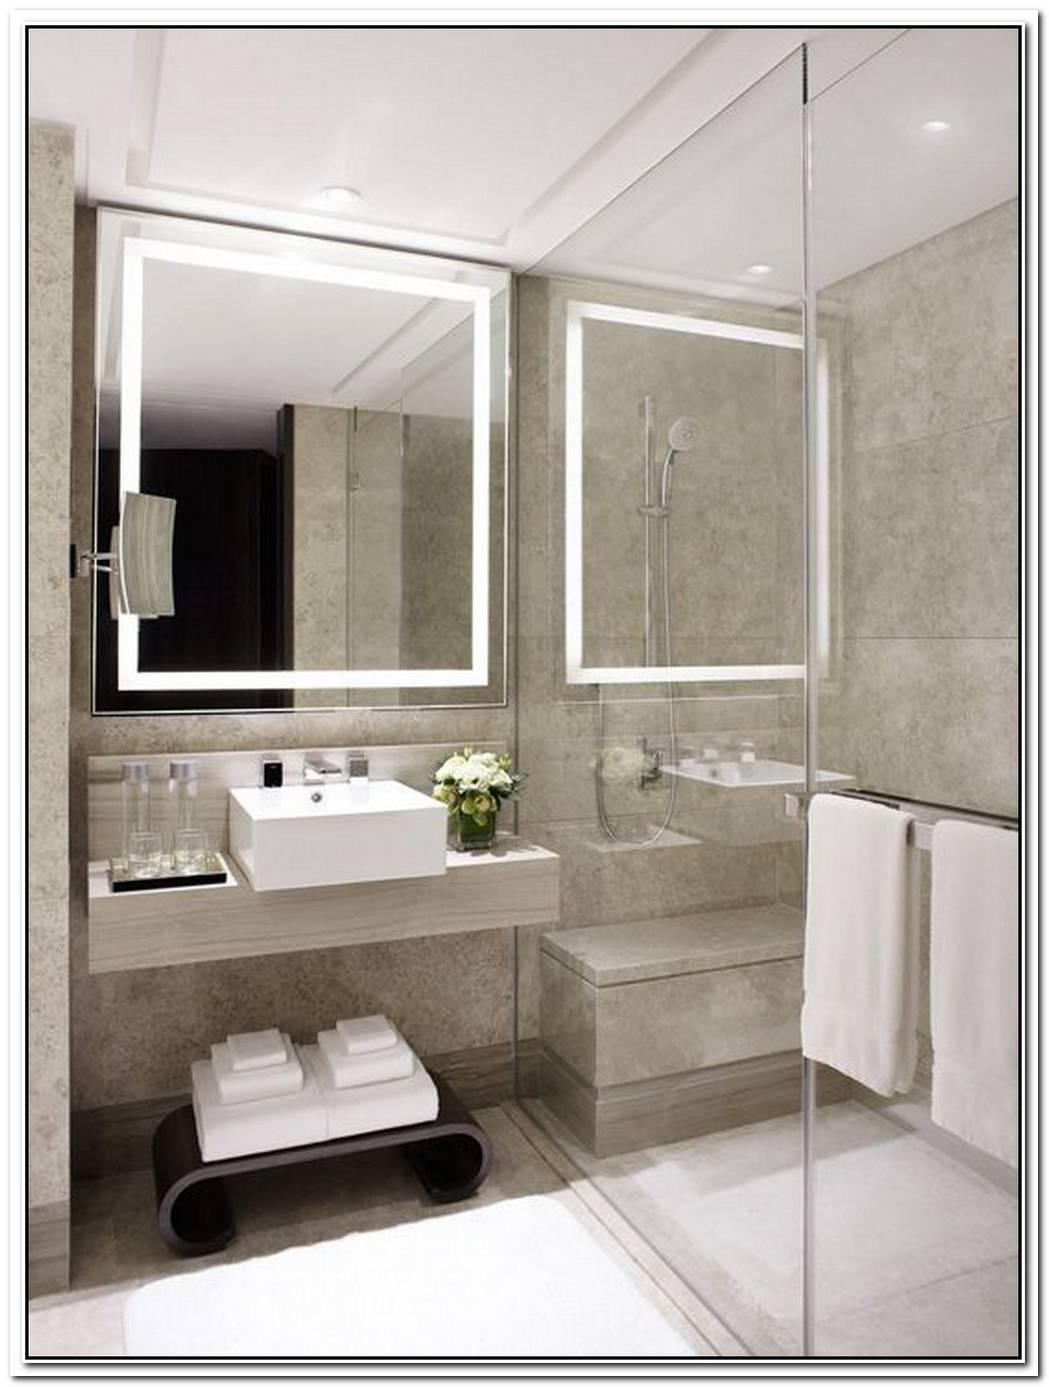 Bathroom Small Modern Hotel